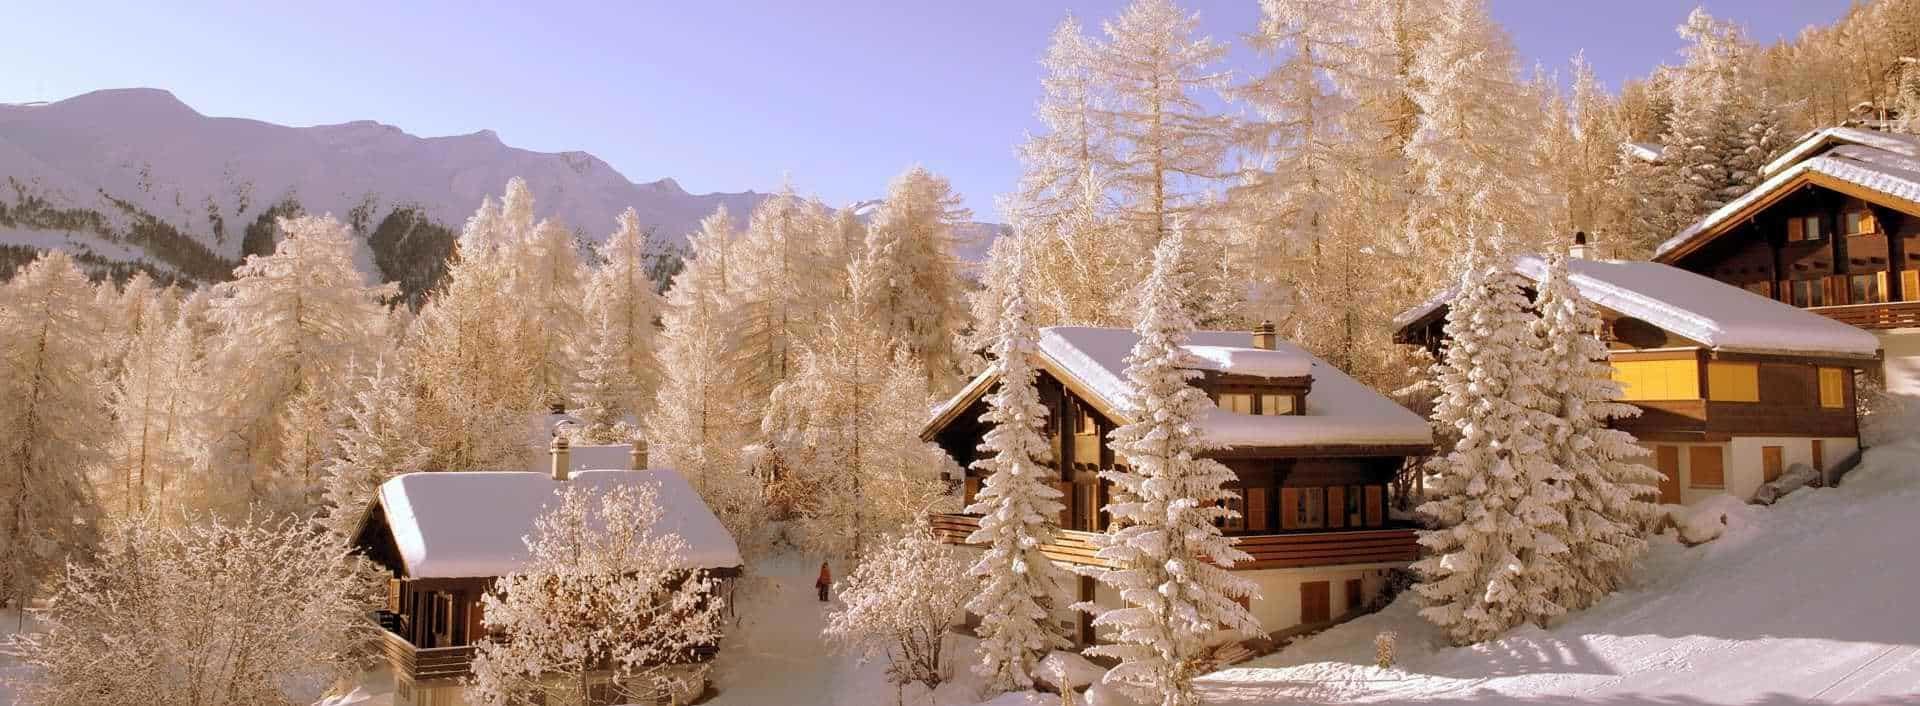 Contacter l'Anifor - Centre de Formation hôtelier du Valais